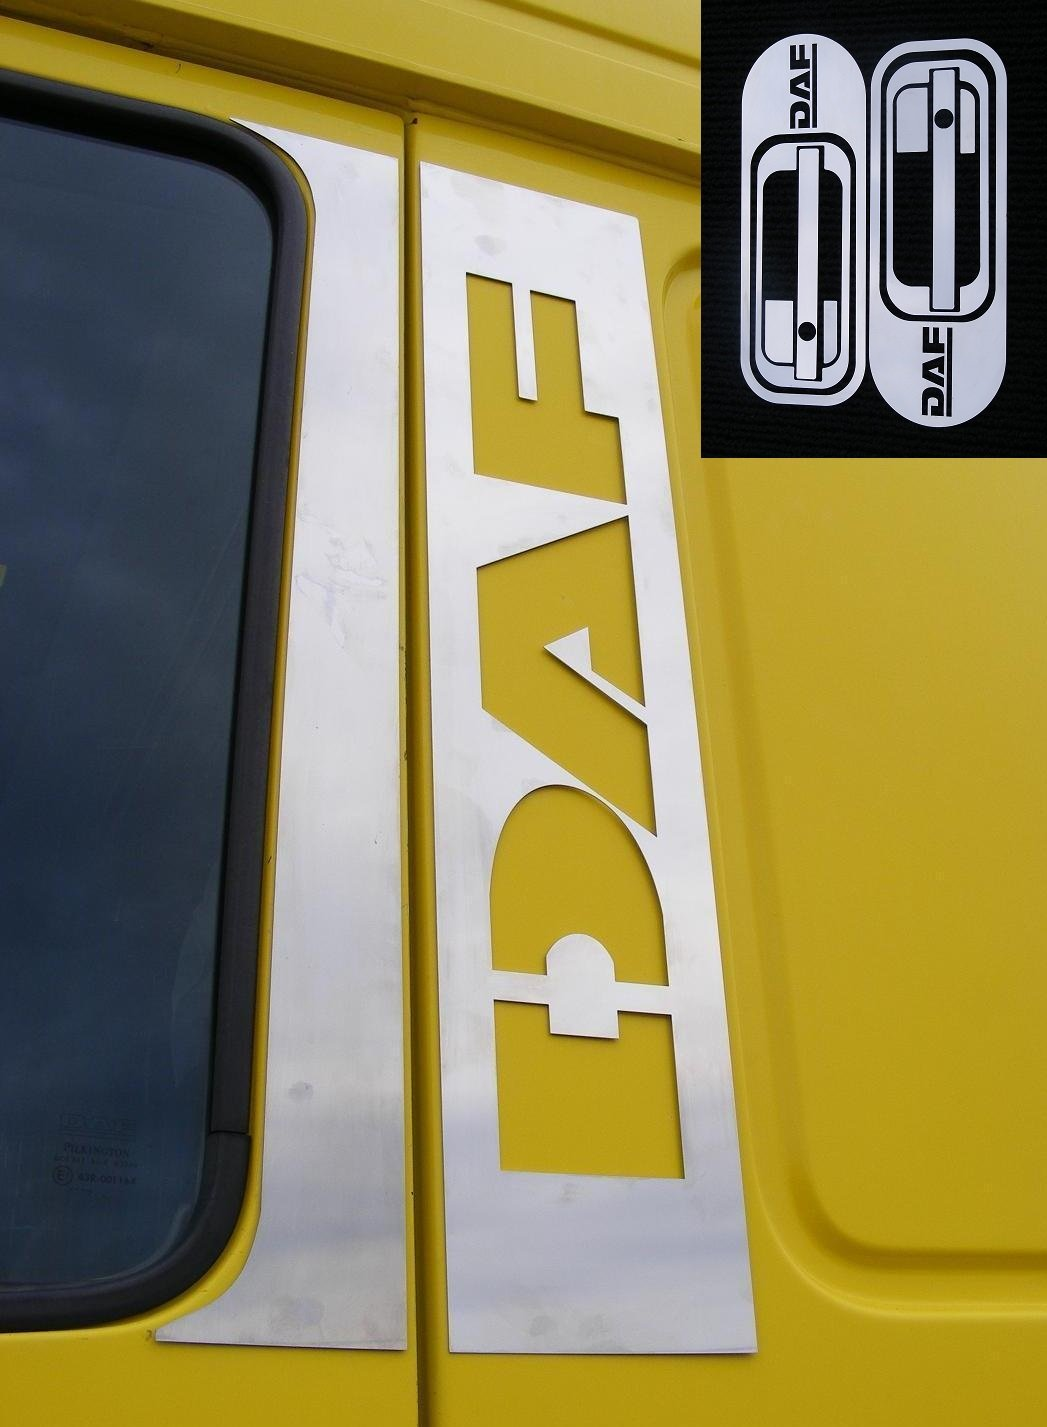 6 pezzi in acciaio INOX lucido cromato decorazioni finestra + maniglia di accessori per XF95 XF105 Trucks ES008015